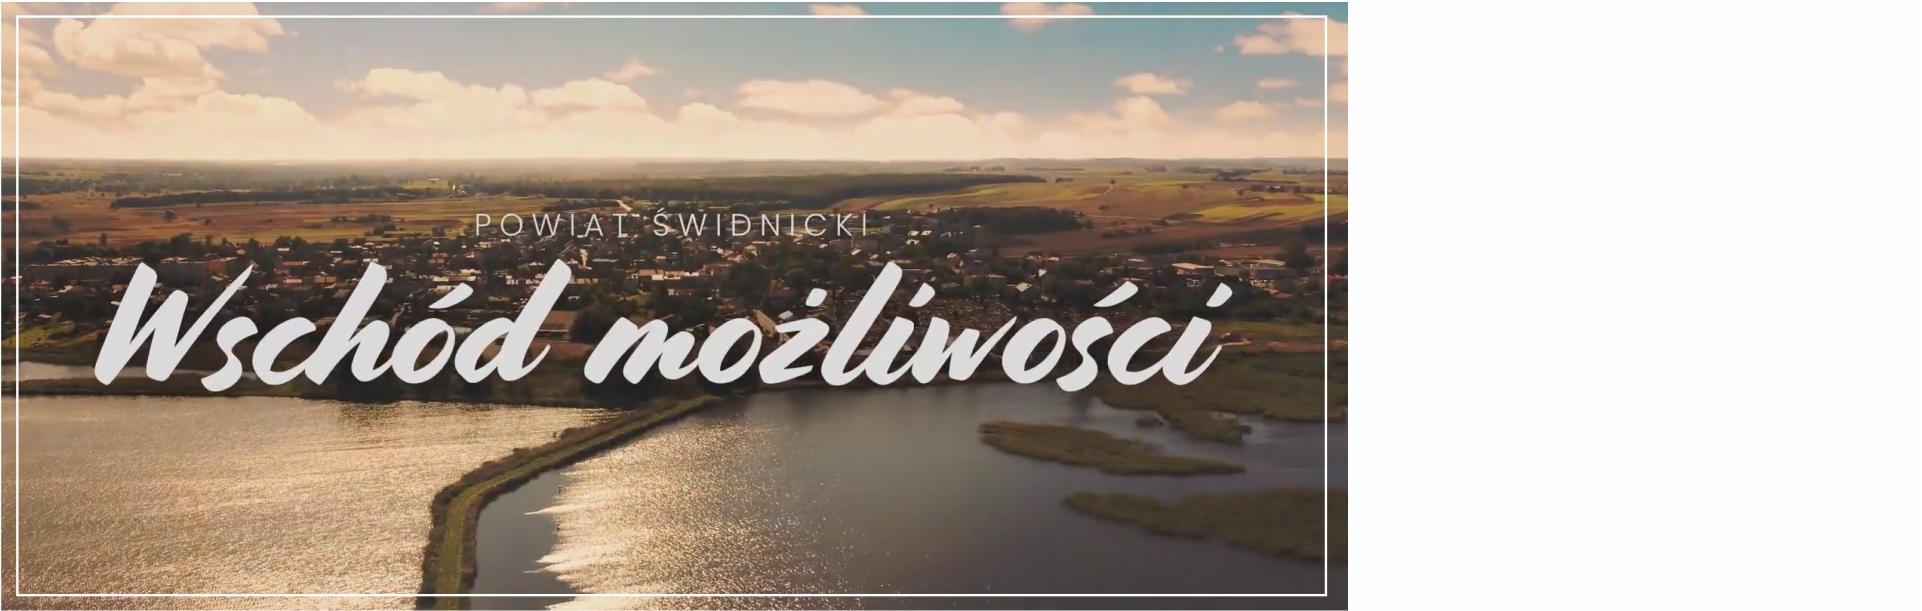 Powiat Świdnicki - wschód możliwości